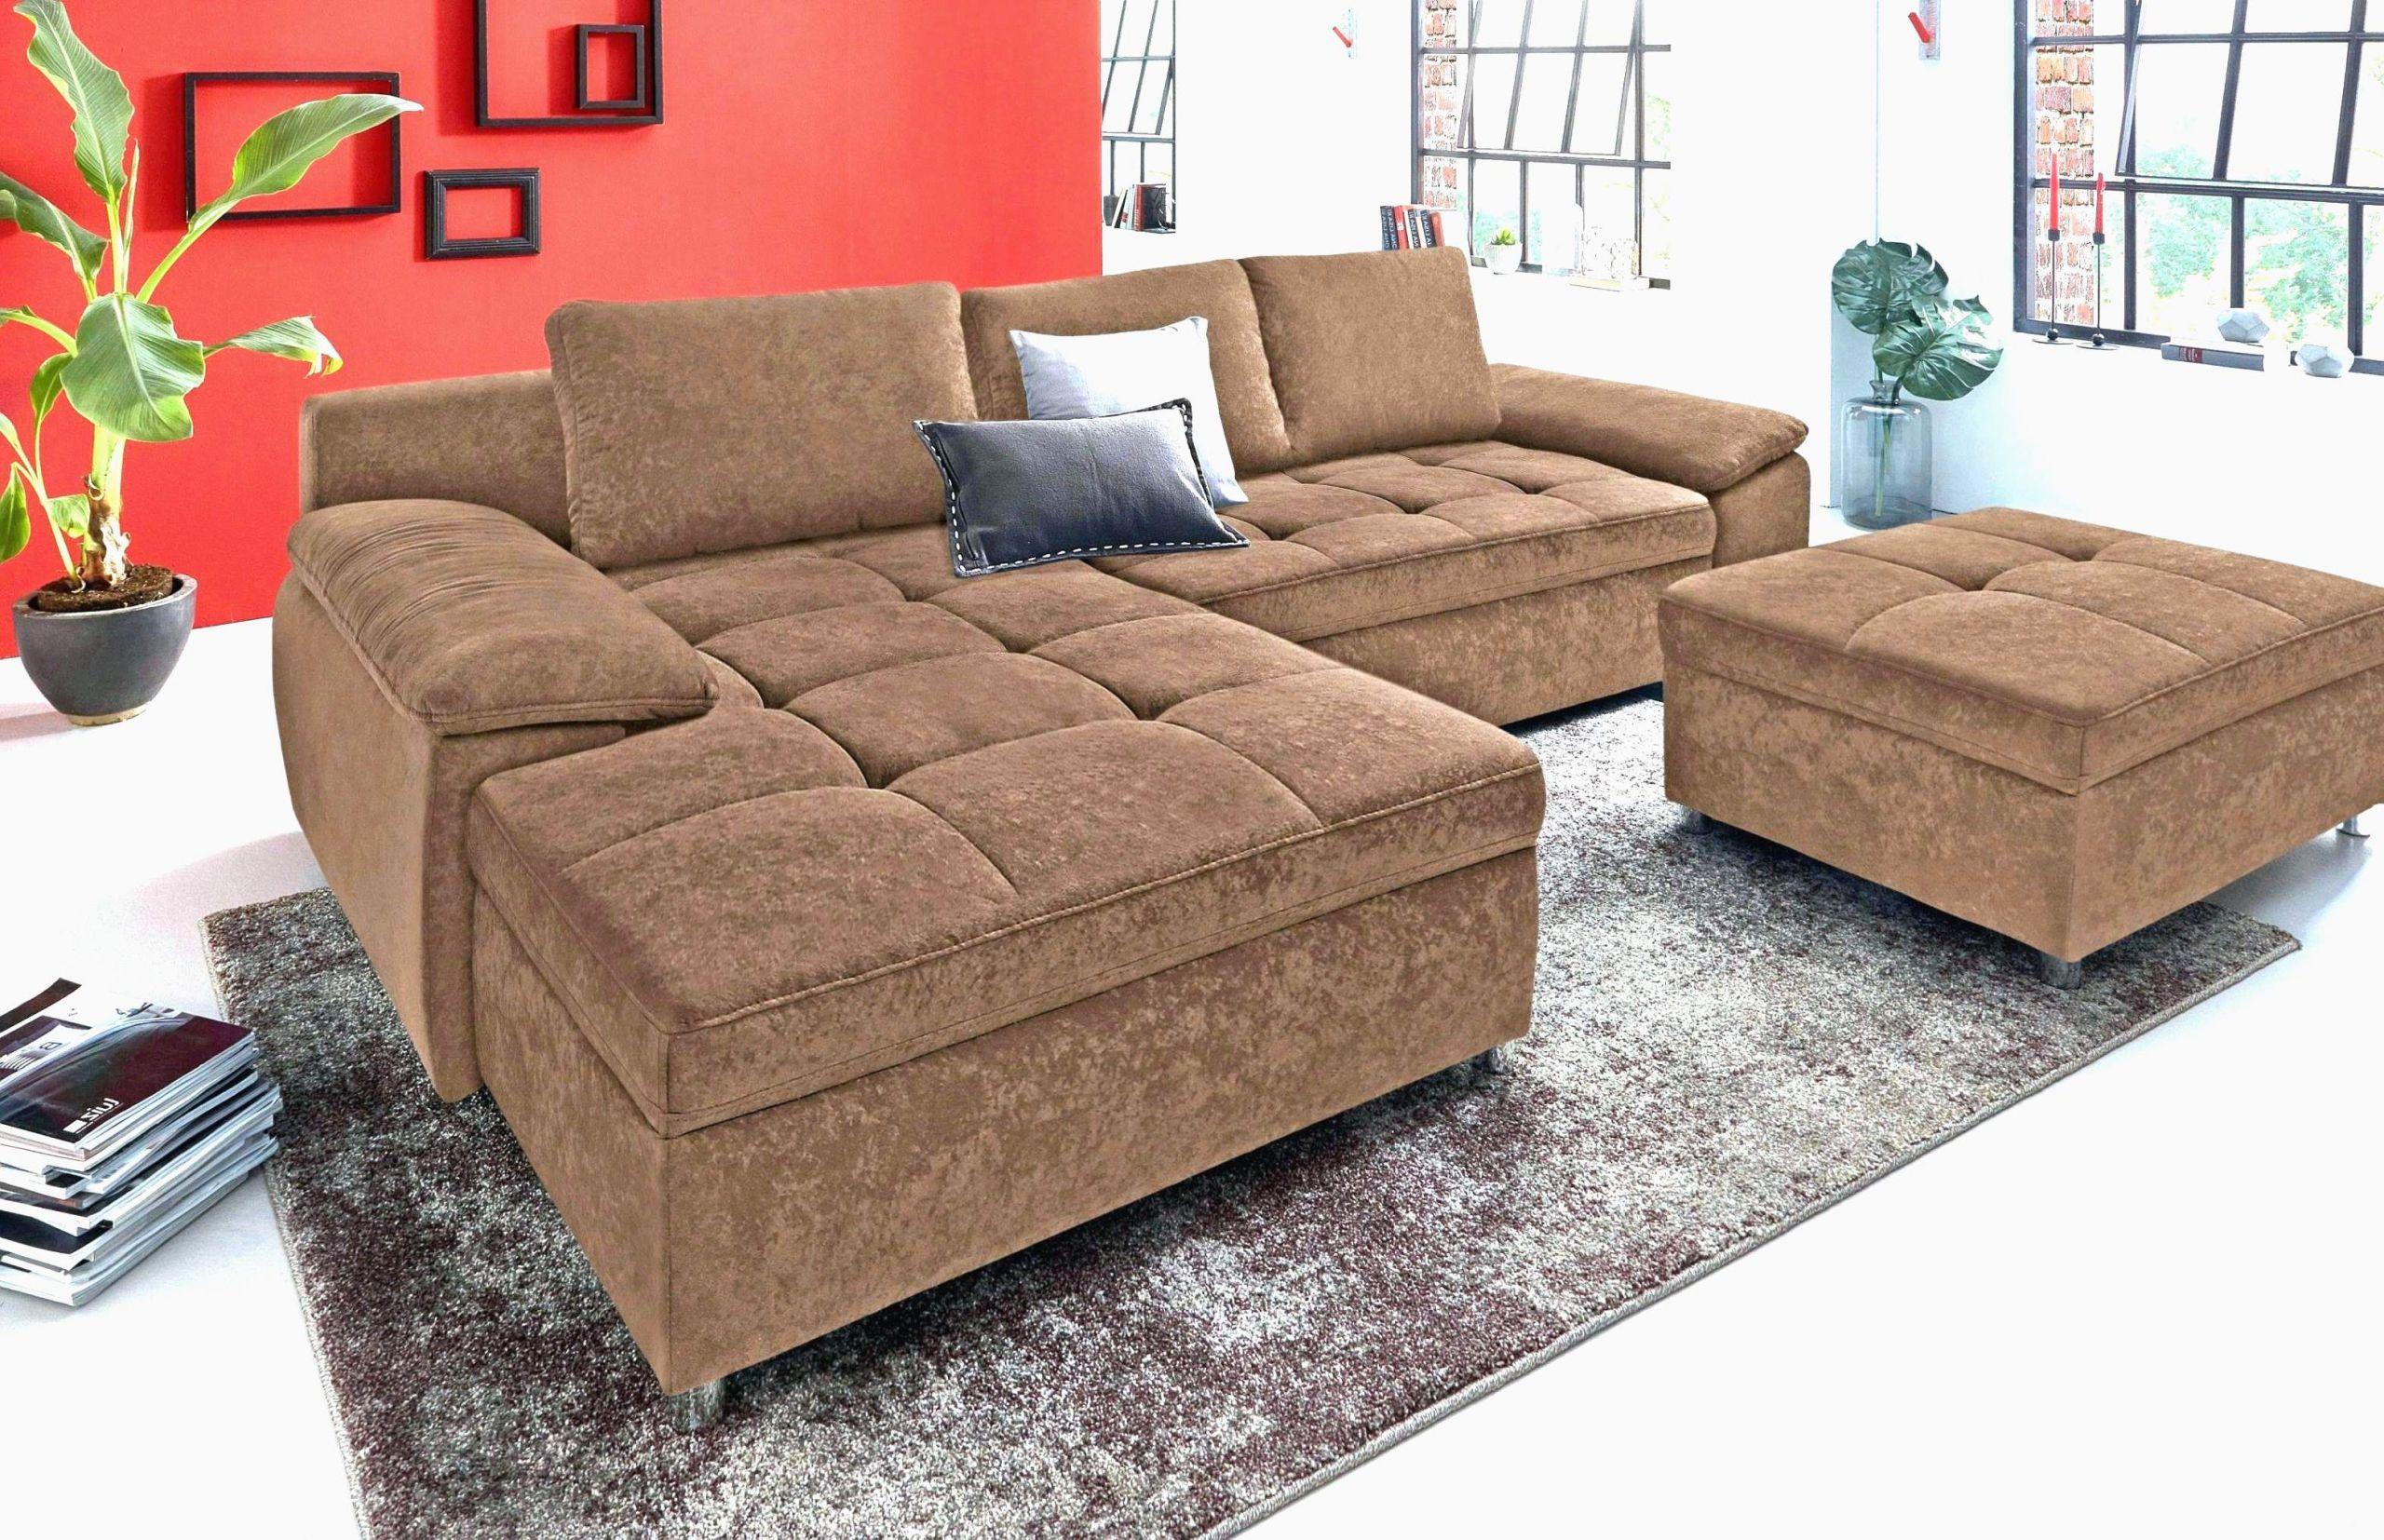 dekorationsideen wohnzimmer neu deko wohnzimmer konzept tipps von experten of dekorationsideen wohnzimmer scaled